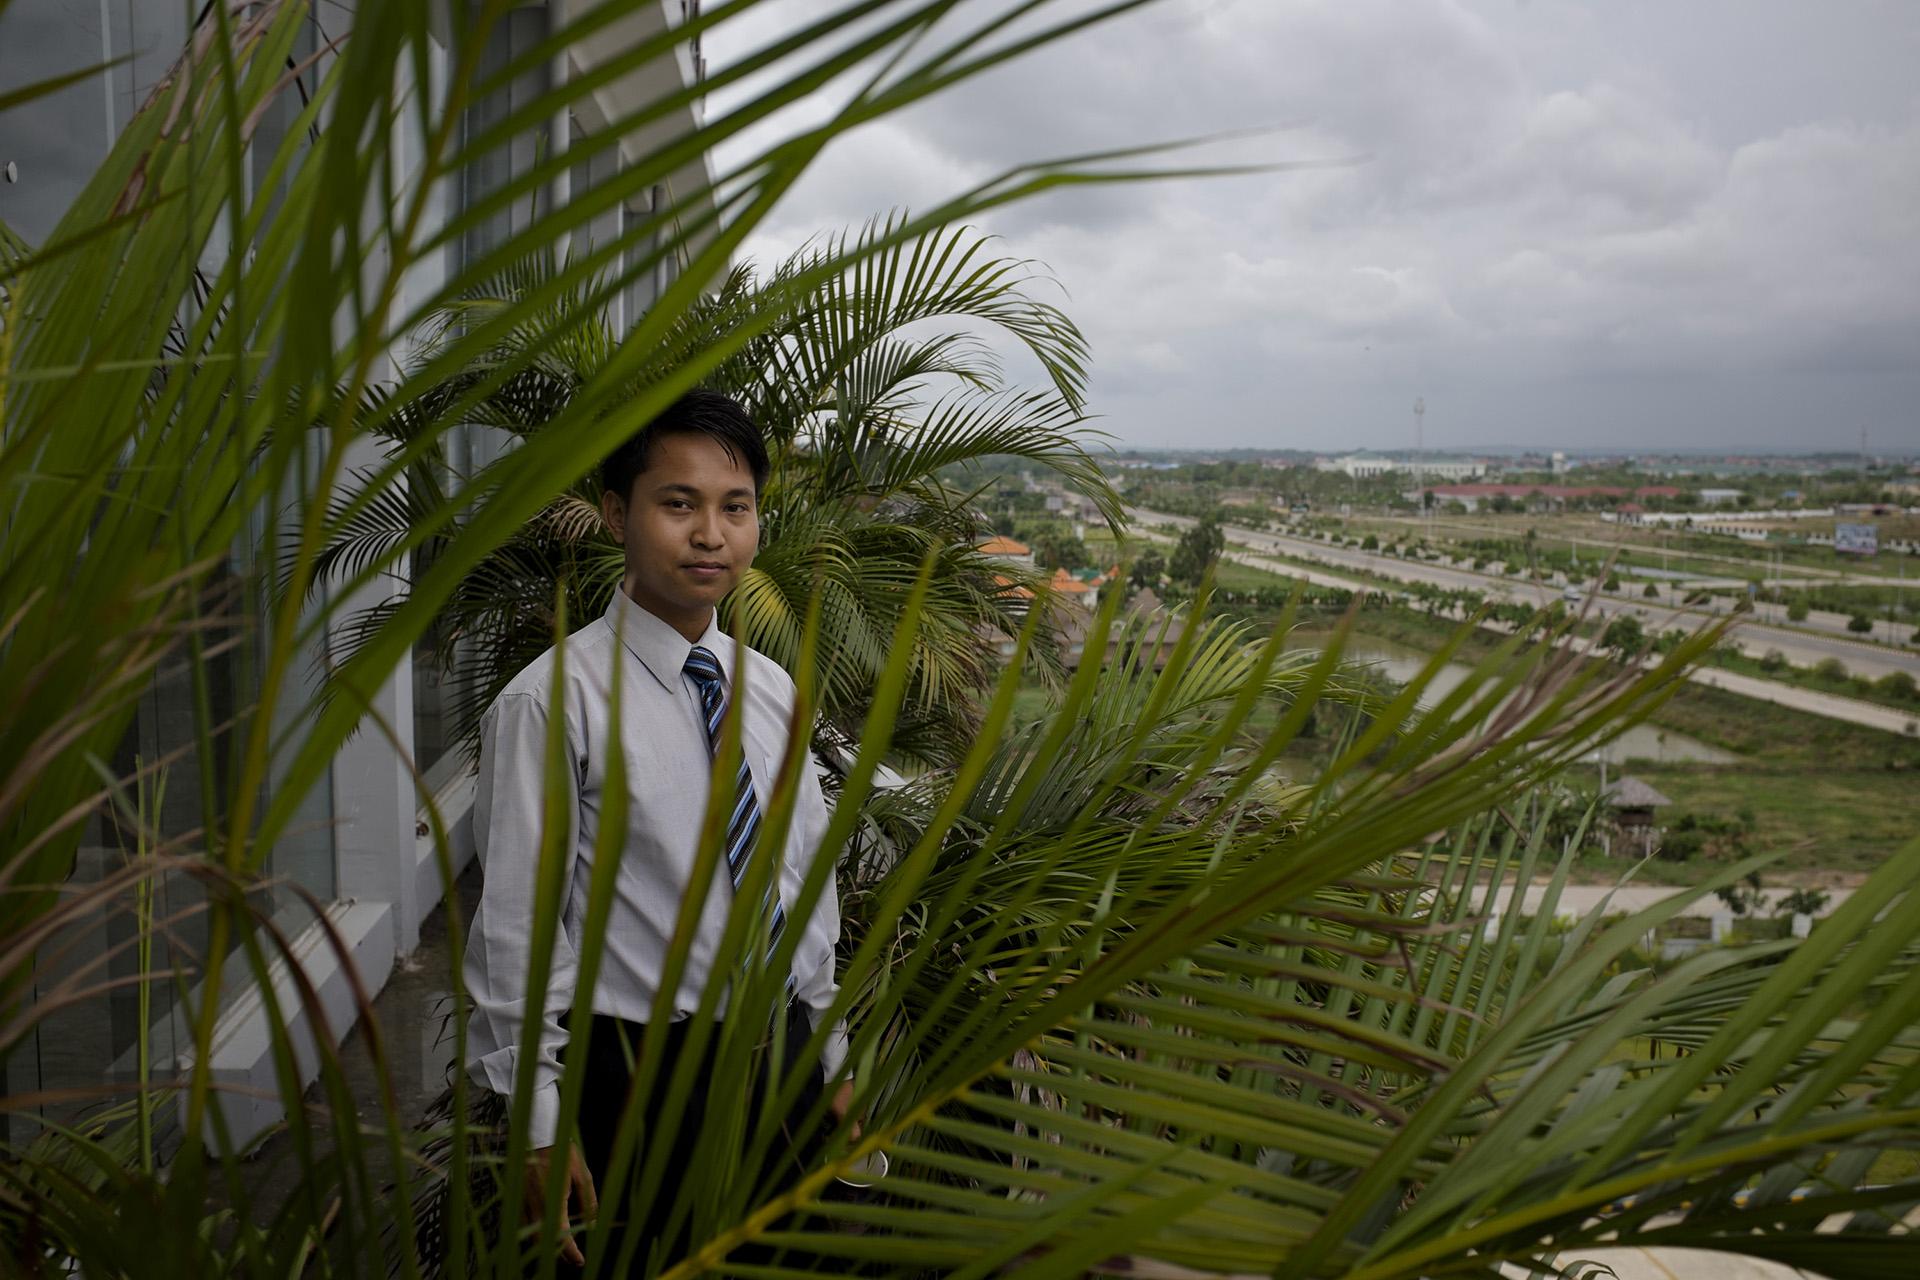 Bo, 27 ans, est venu de Rangoon pour  devenir manager d'un des grands hotels de la ville. Il a depuis acheté une maison sur place et y a fait venir ses parents et ses soeurs. Il vit de son côté dans son bureau de l'hotel. Naypyidaw, Birmanie. Mai 2015.